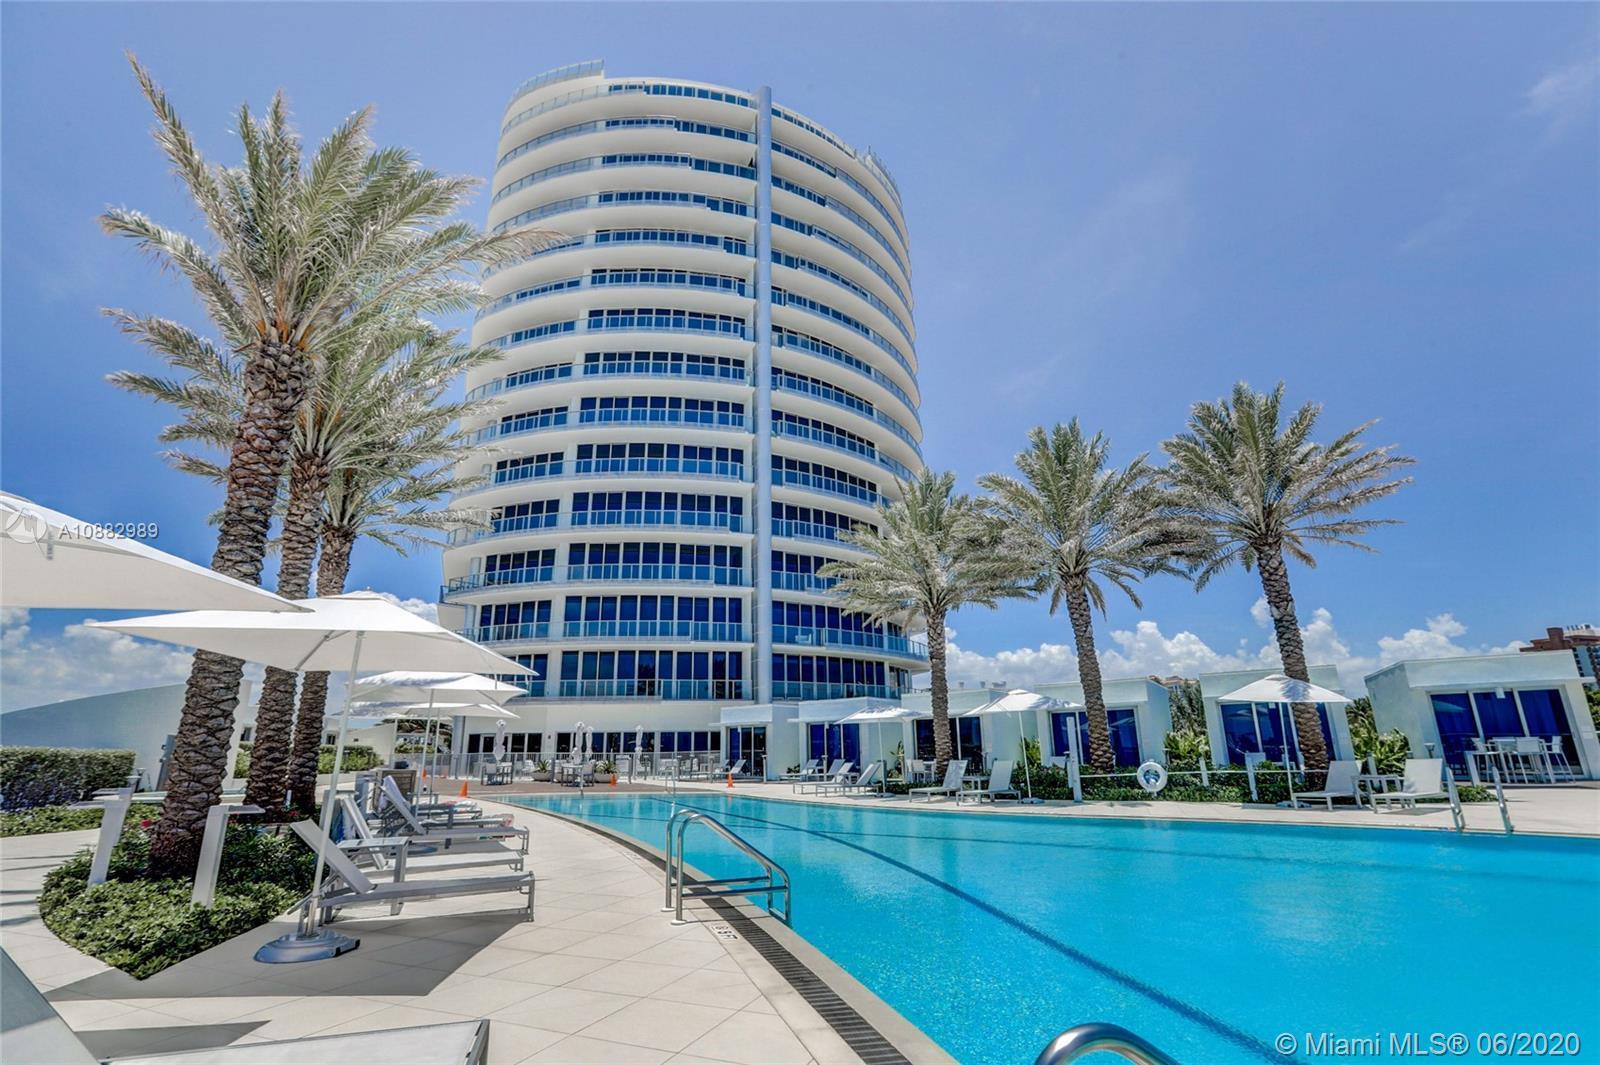 701 N Fort Lauderdale Blvd #904 Property Photo - Fort Lauderdale, FL real estate listing